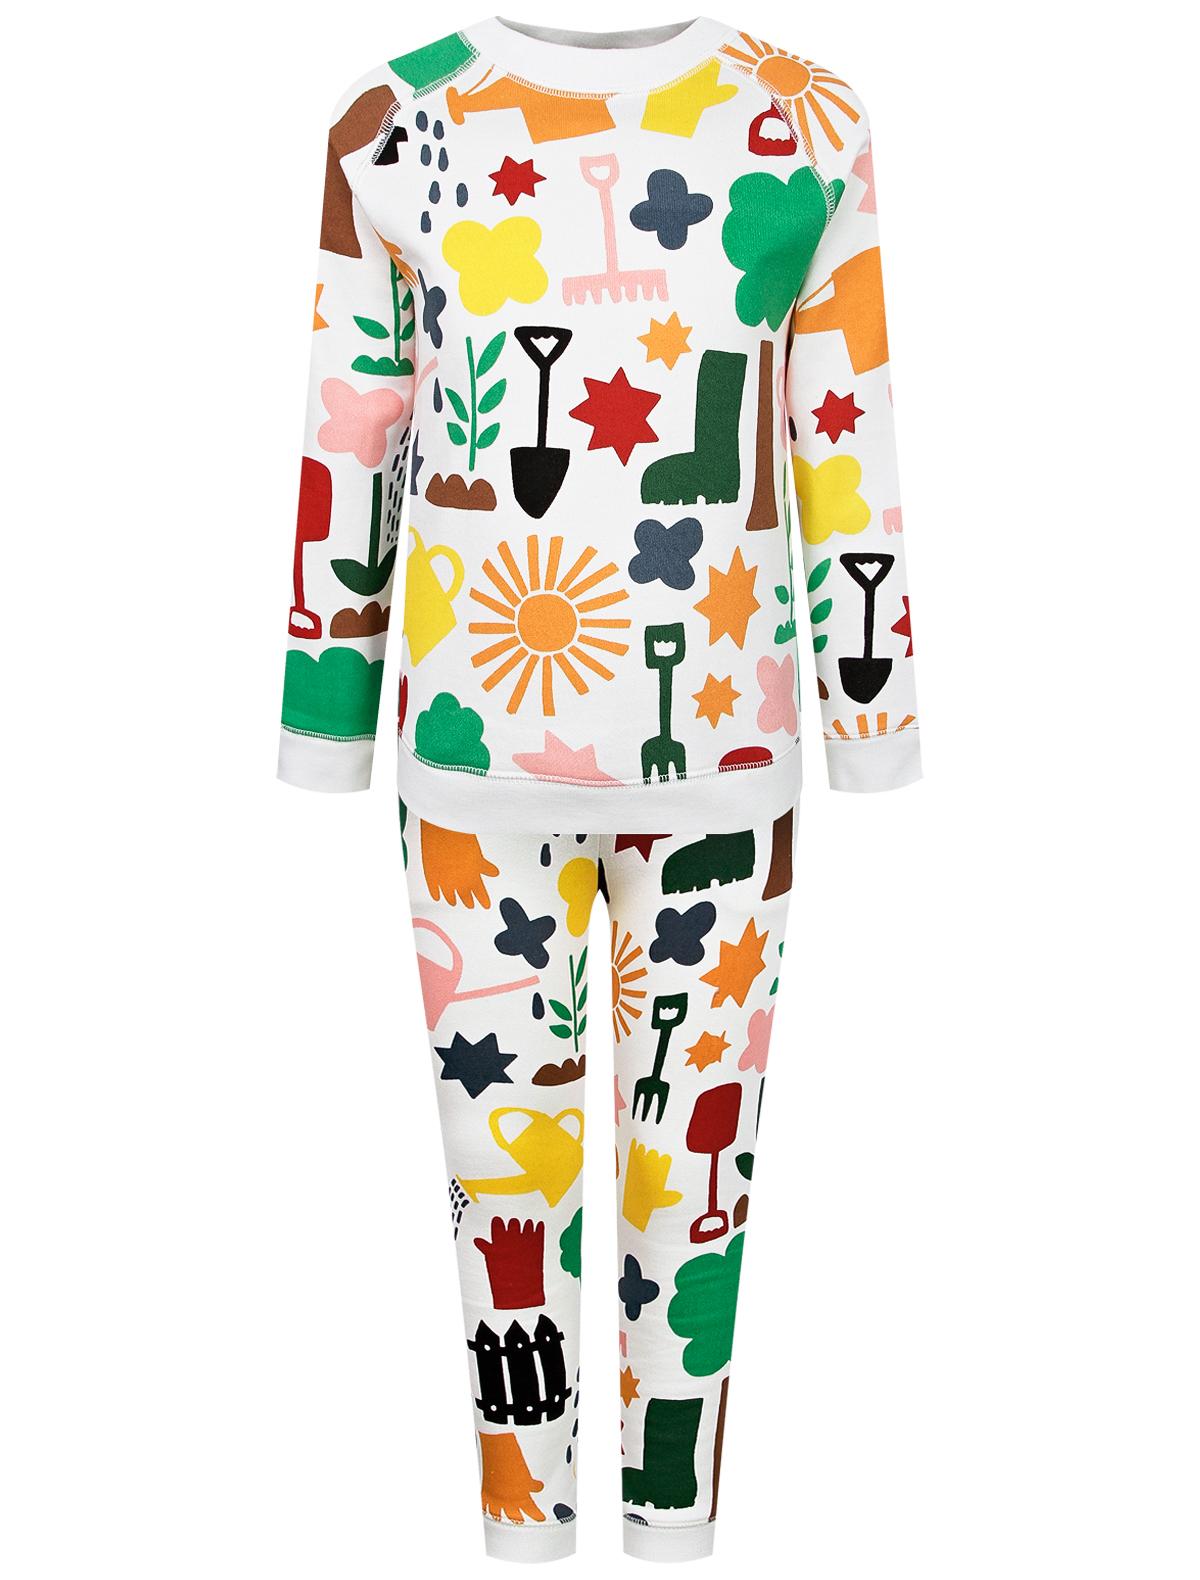 2333756, Костюм спортивный Stella McCartney, разноцветный, Женский, 6004509180335  - купить со скидкой